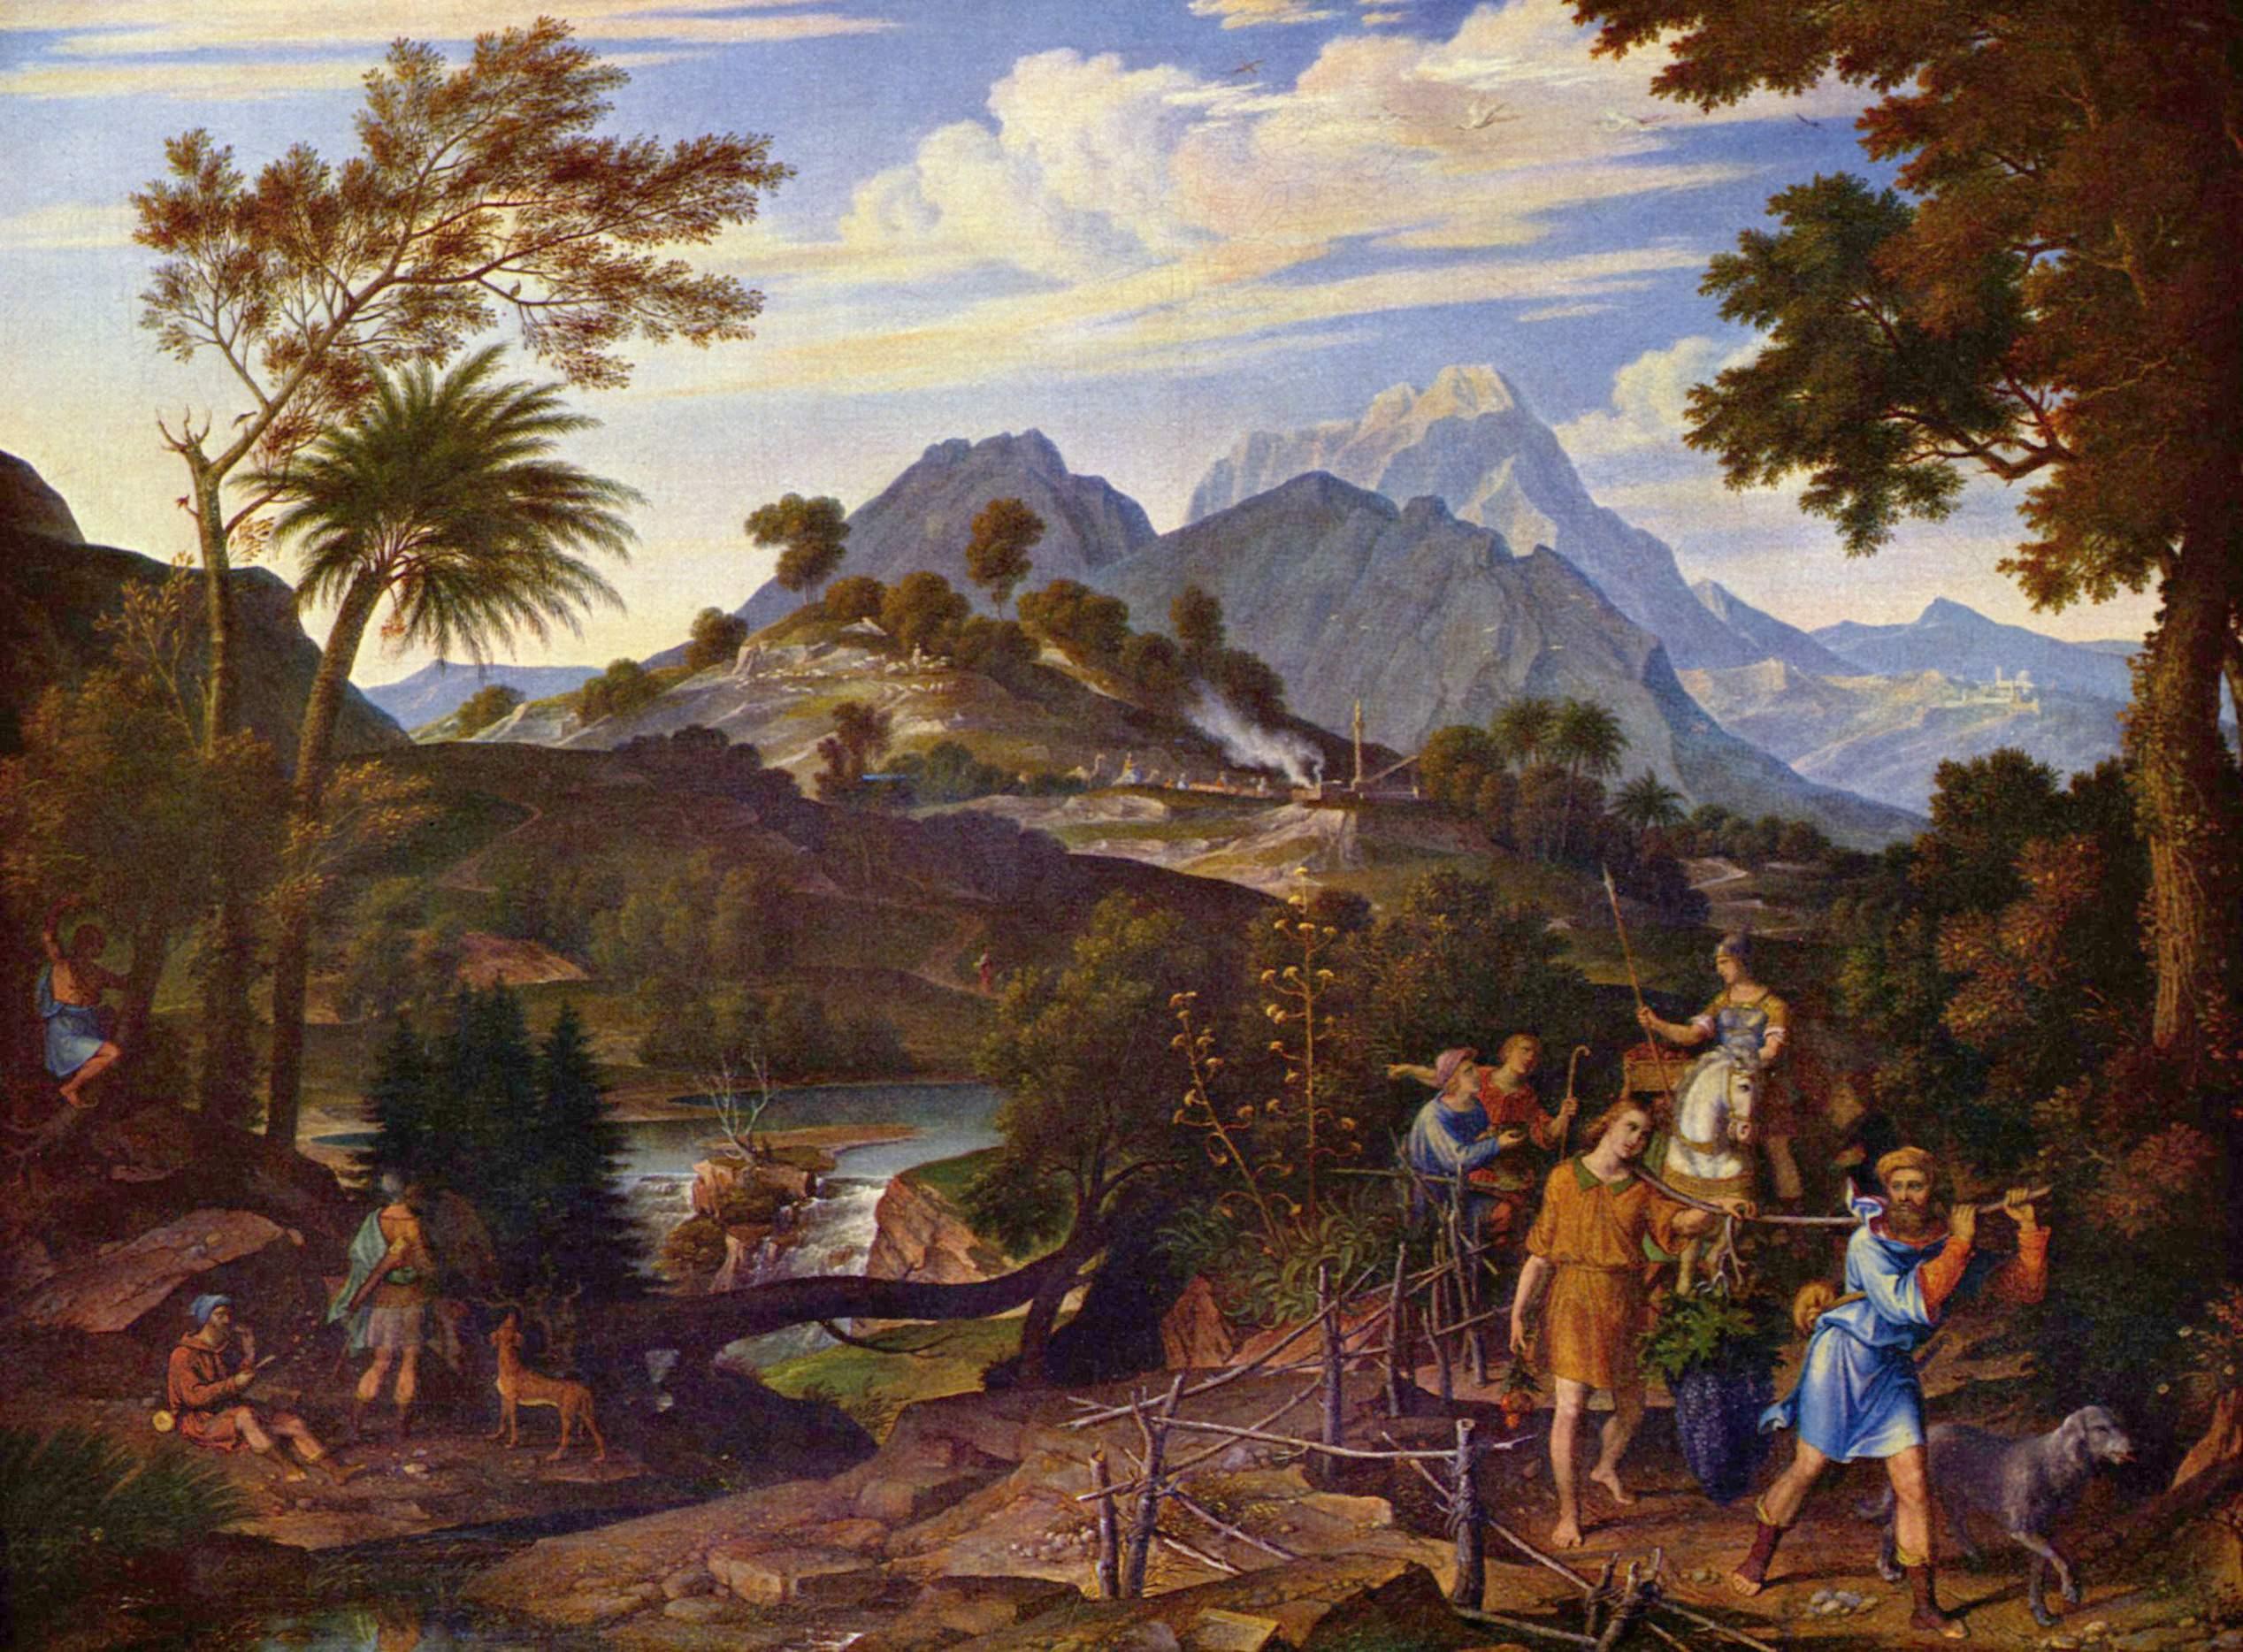 Пейзаж с лазутчиками, возвращающимися из земли обетованной, Кох Йозеф Антон